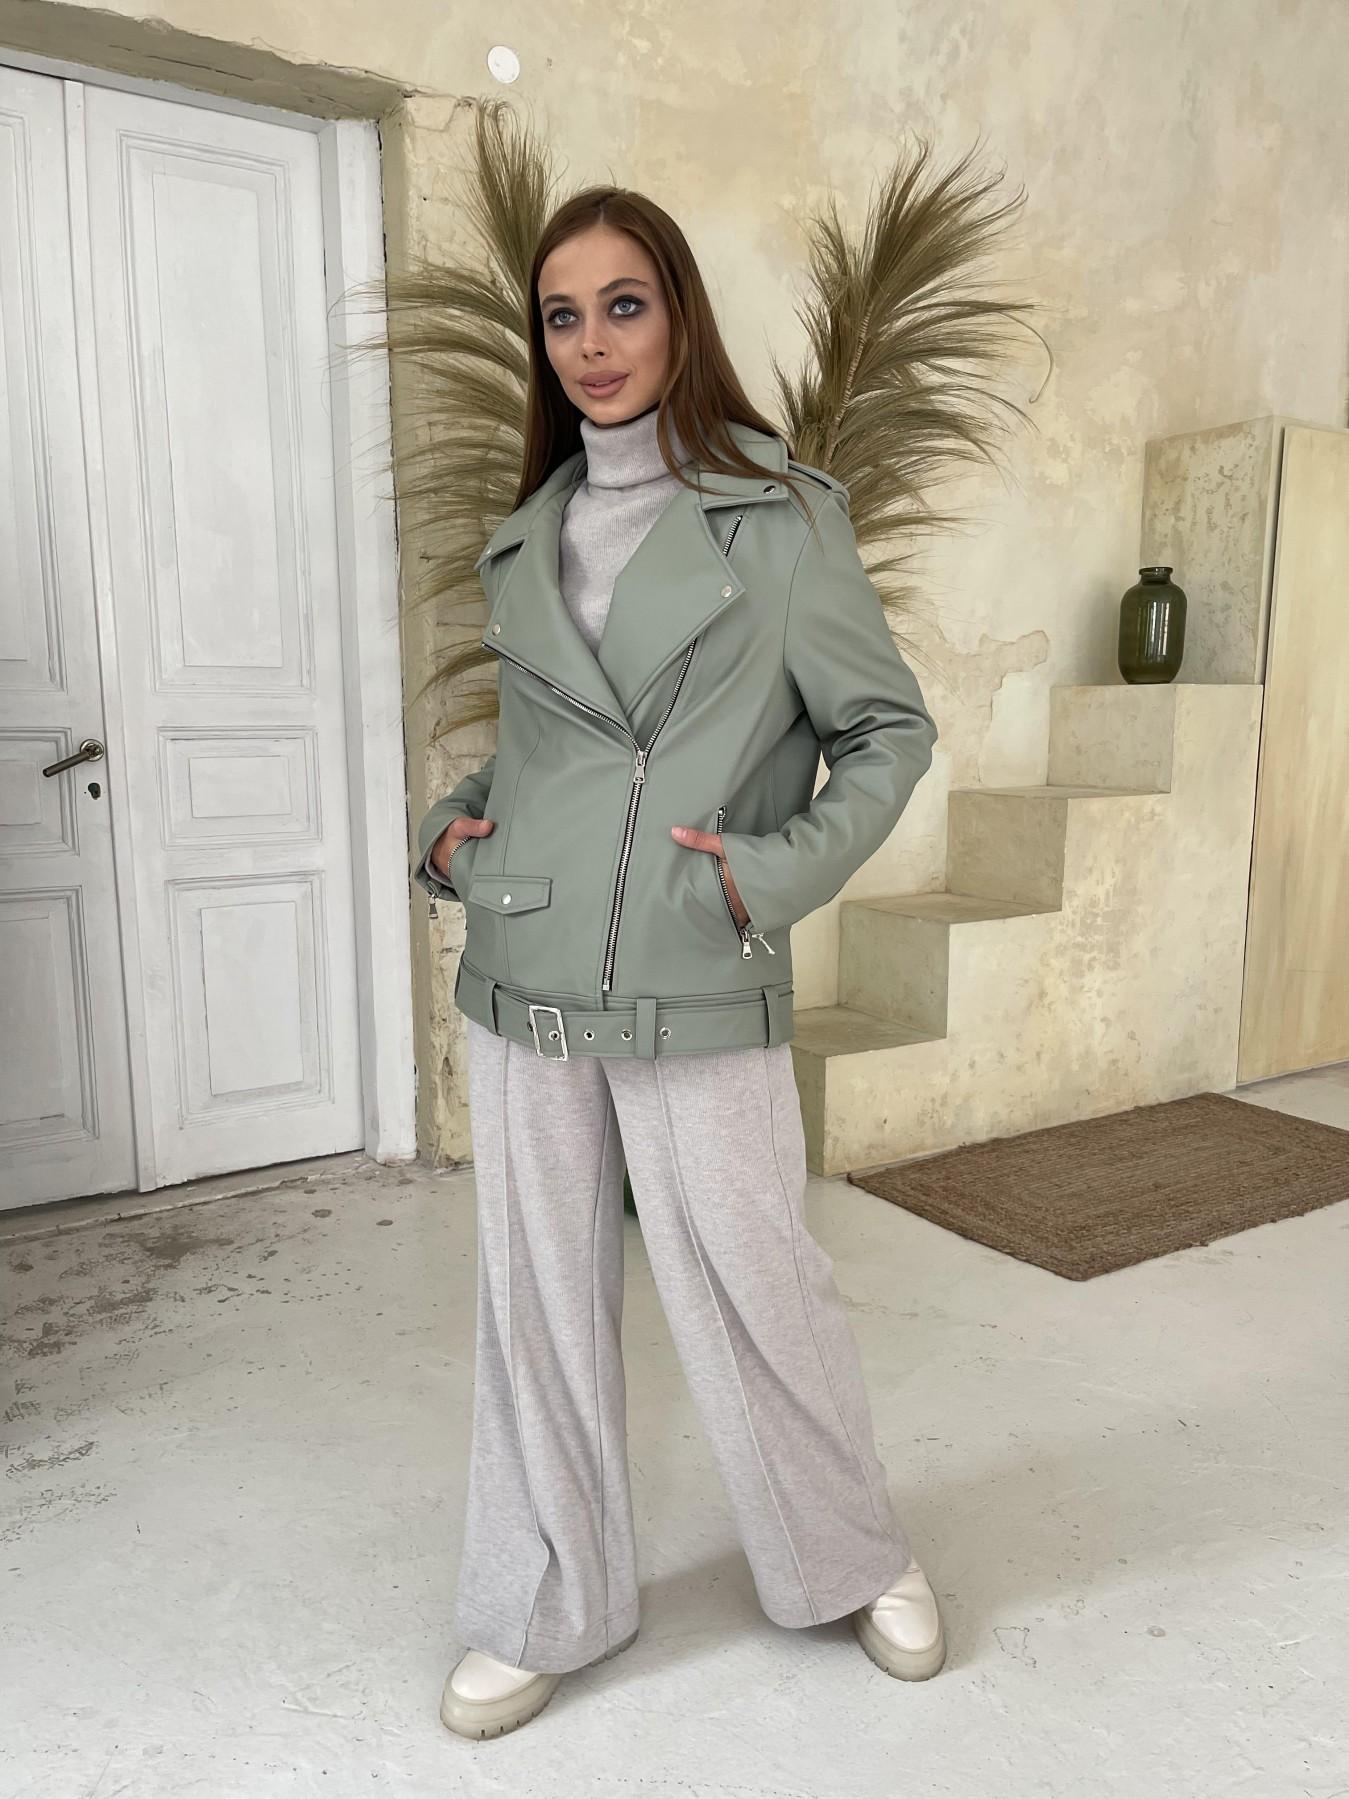 Босс Утепленная куртка из эко-кожи 11772 АРТ. 48578 Цвет: Олива - фото 4, интернет магазин tm-modus.ru